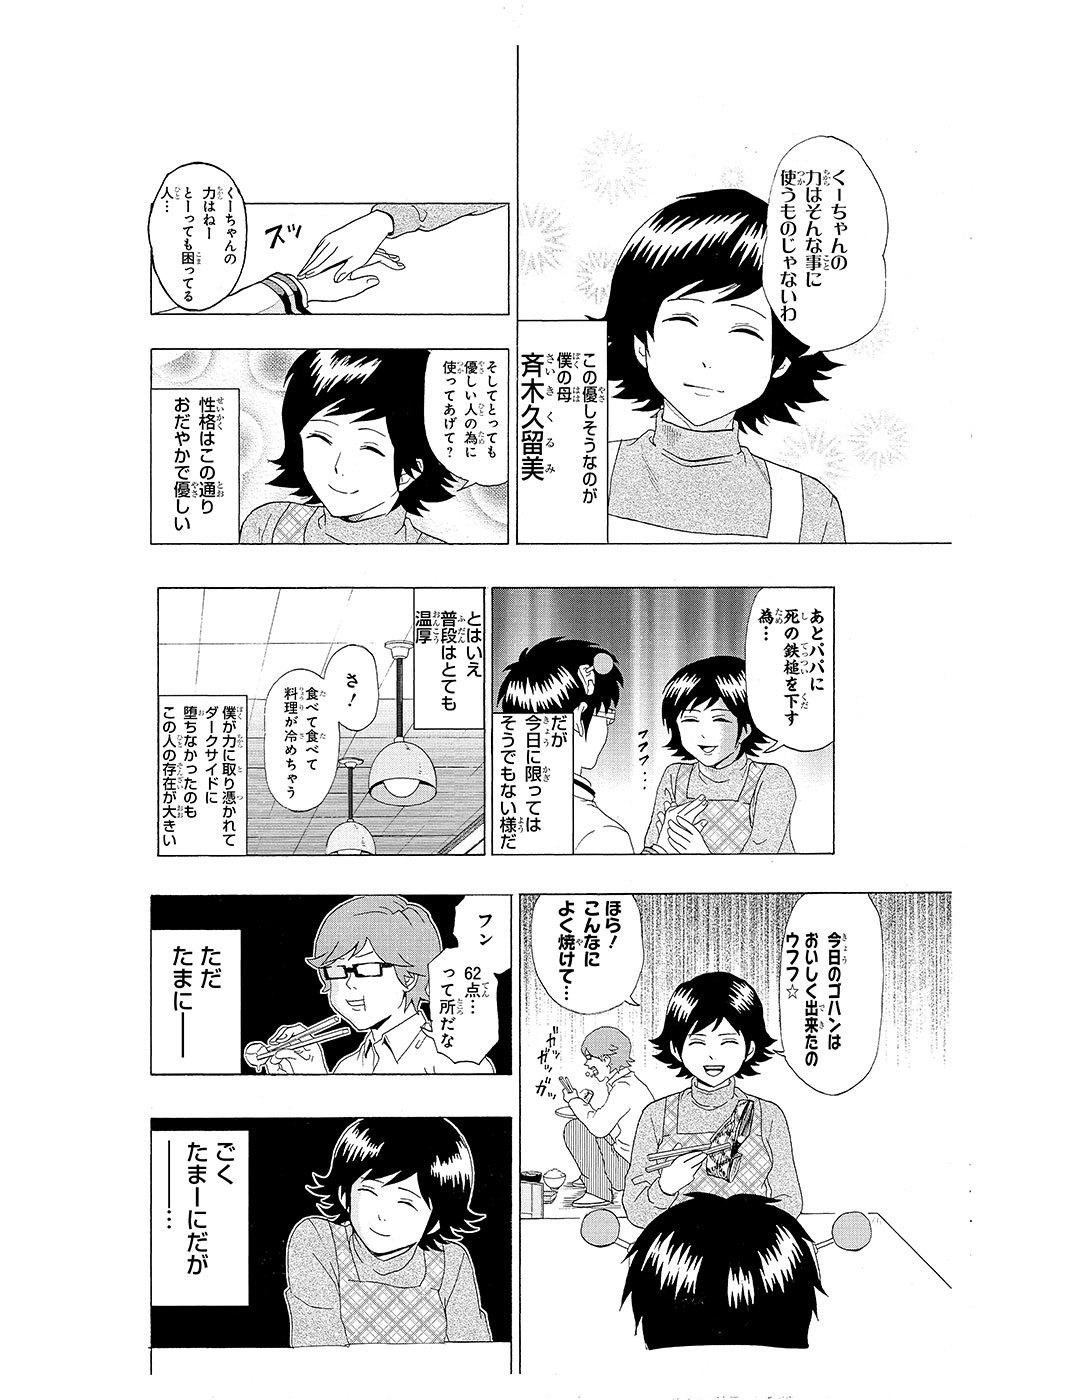 斉木楠雄のΨ難 第1話|試し読み_1_1-18